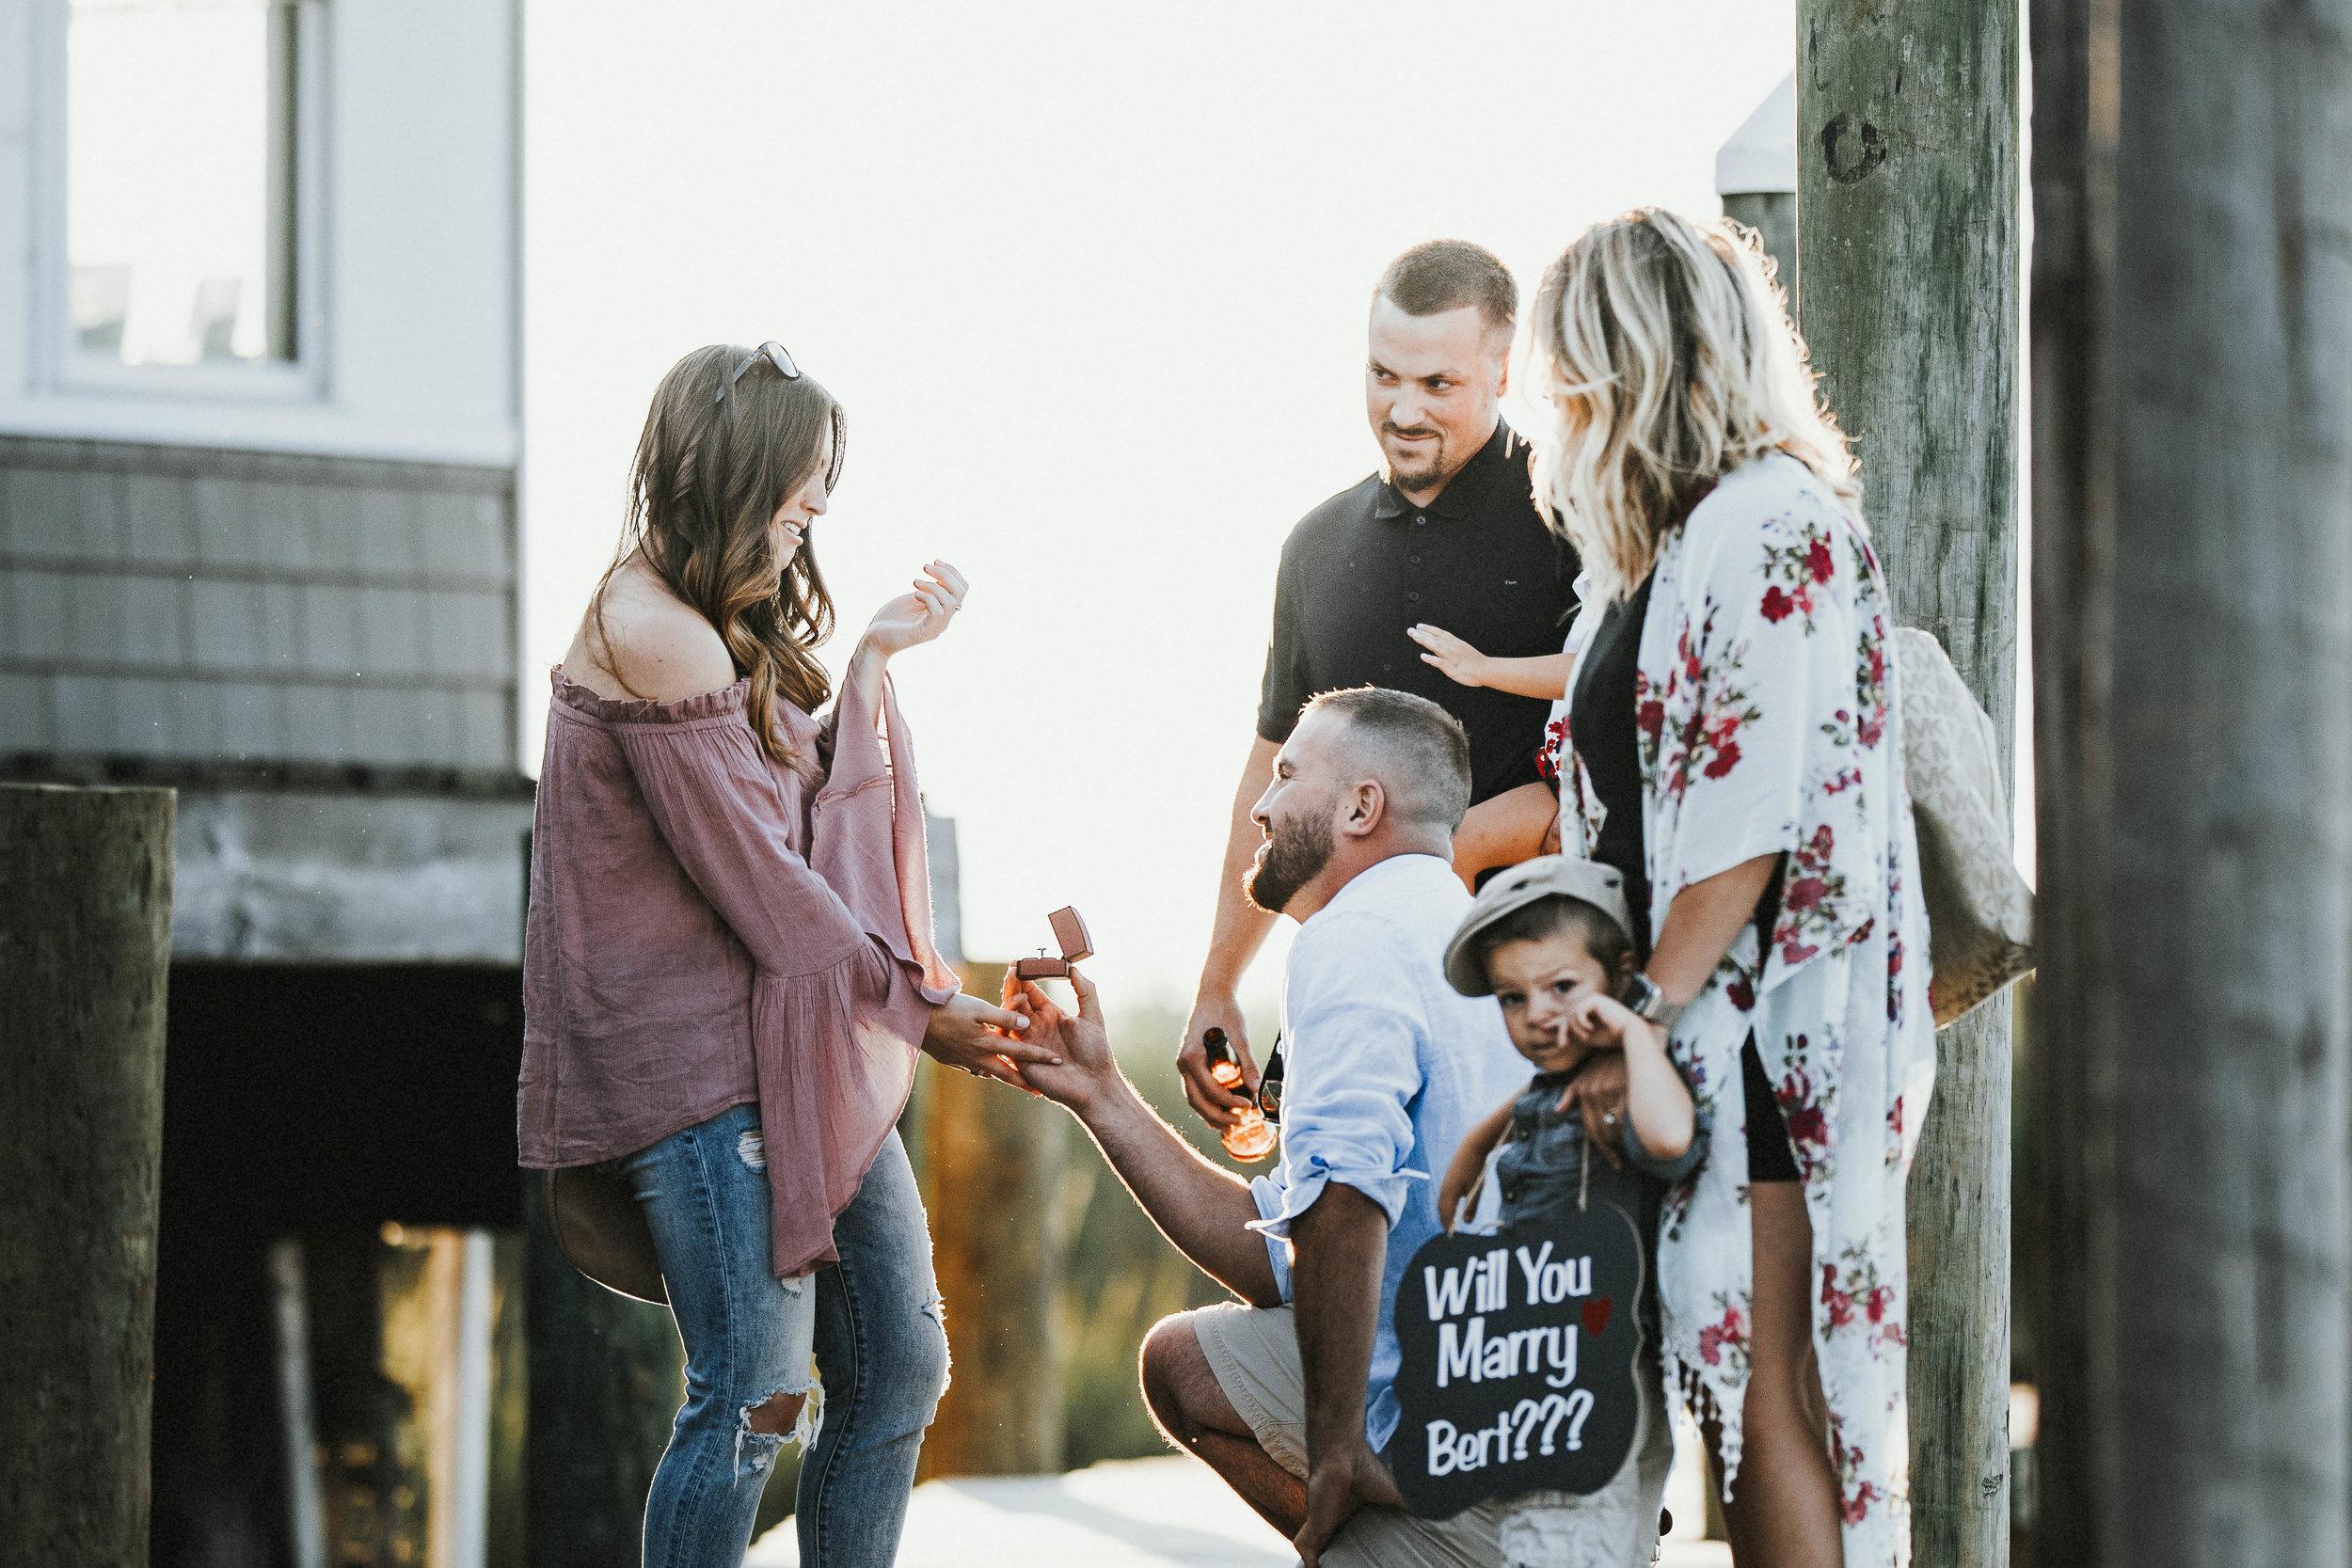 I said yes / engagement photos / proposal